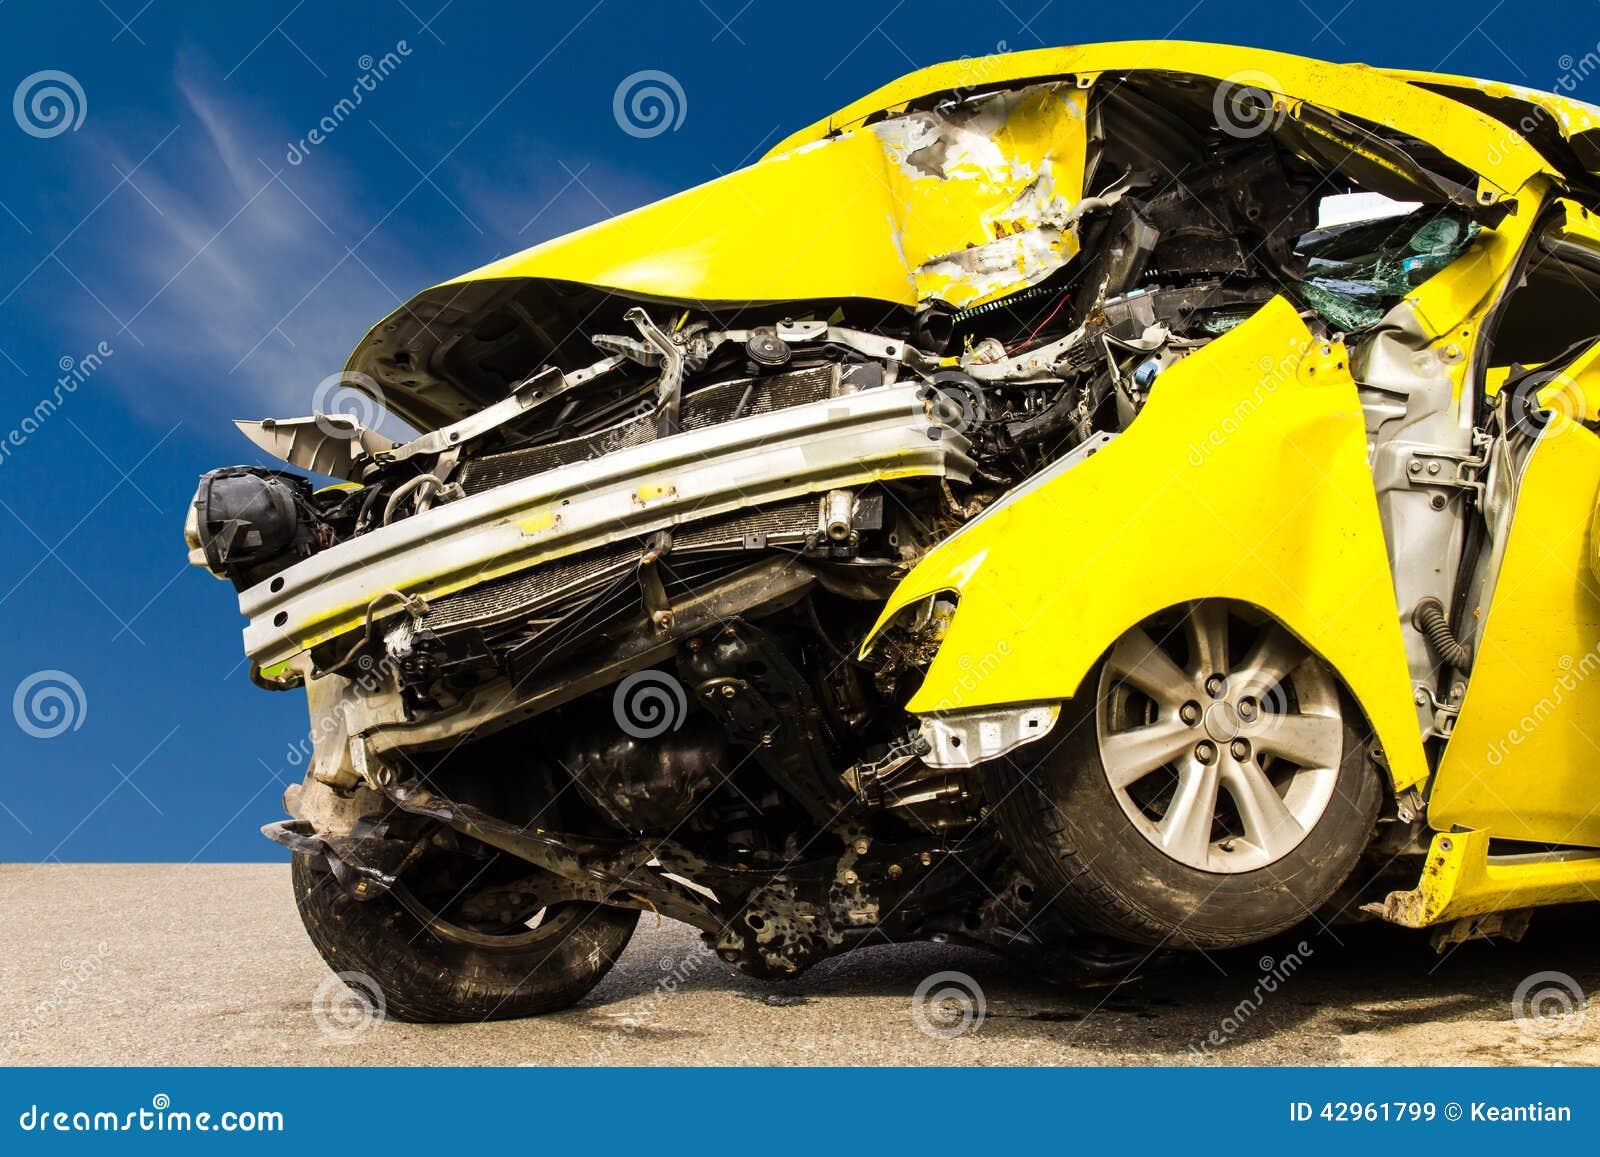 Gelber Autounfall stockbild. Bild von glas, anschlagpuffer - 42961799